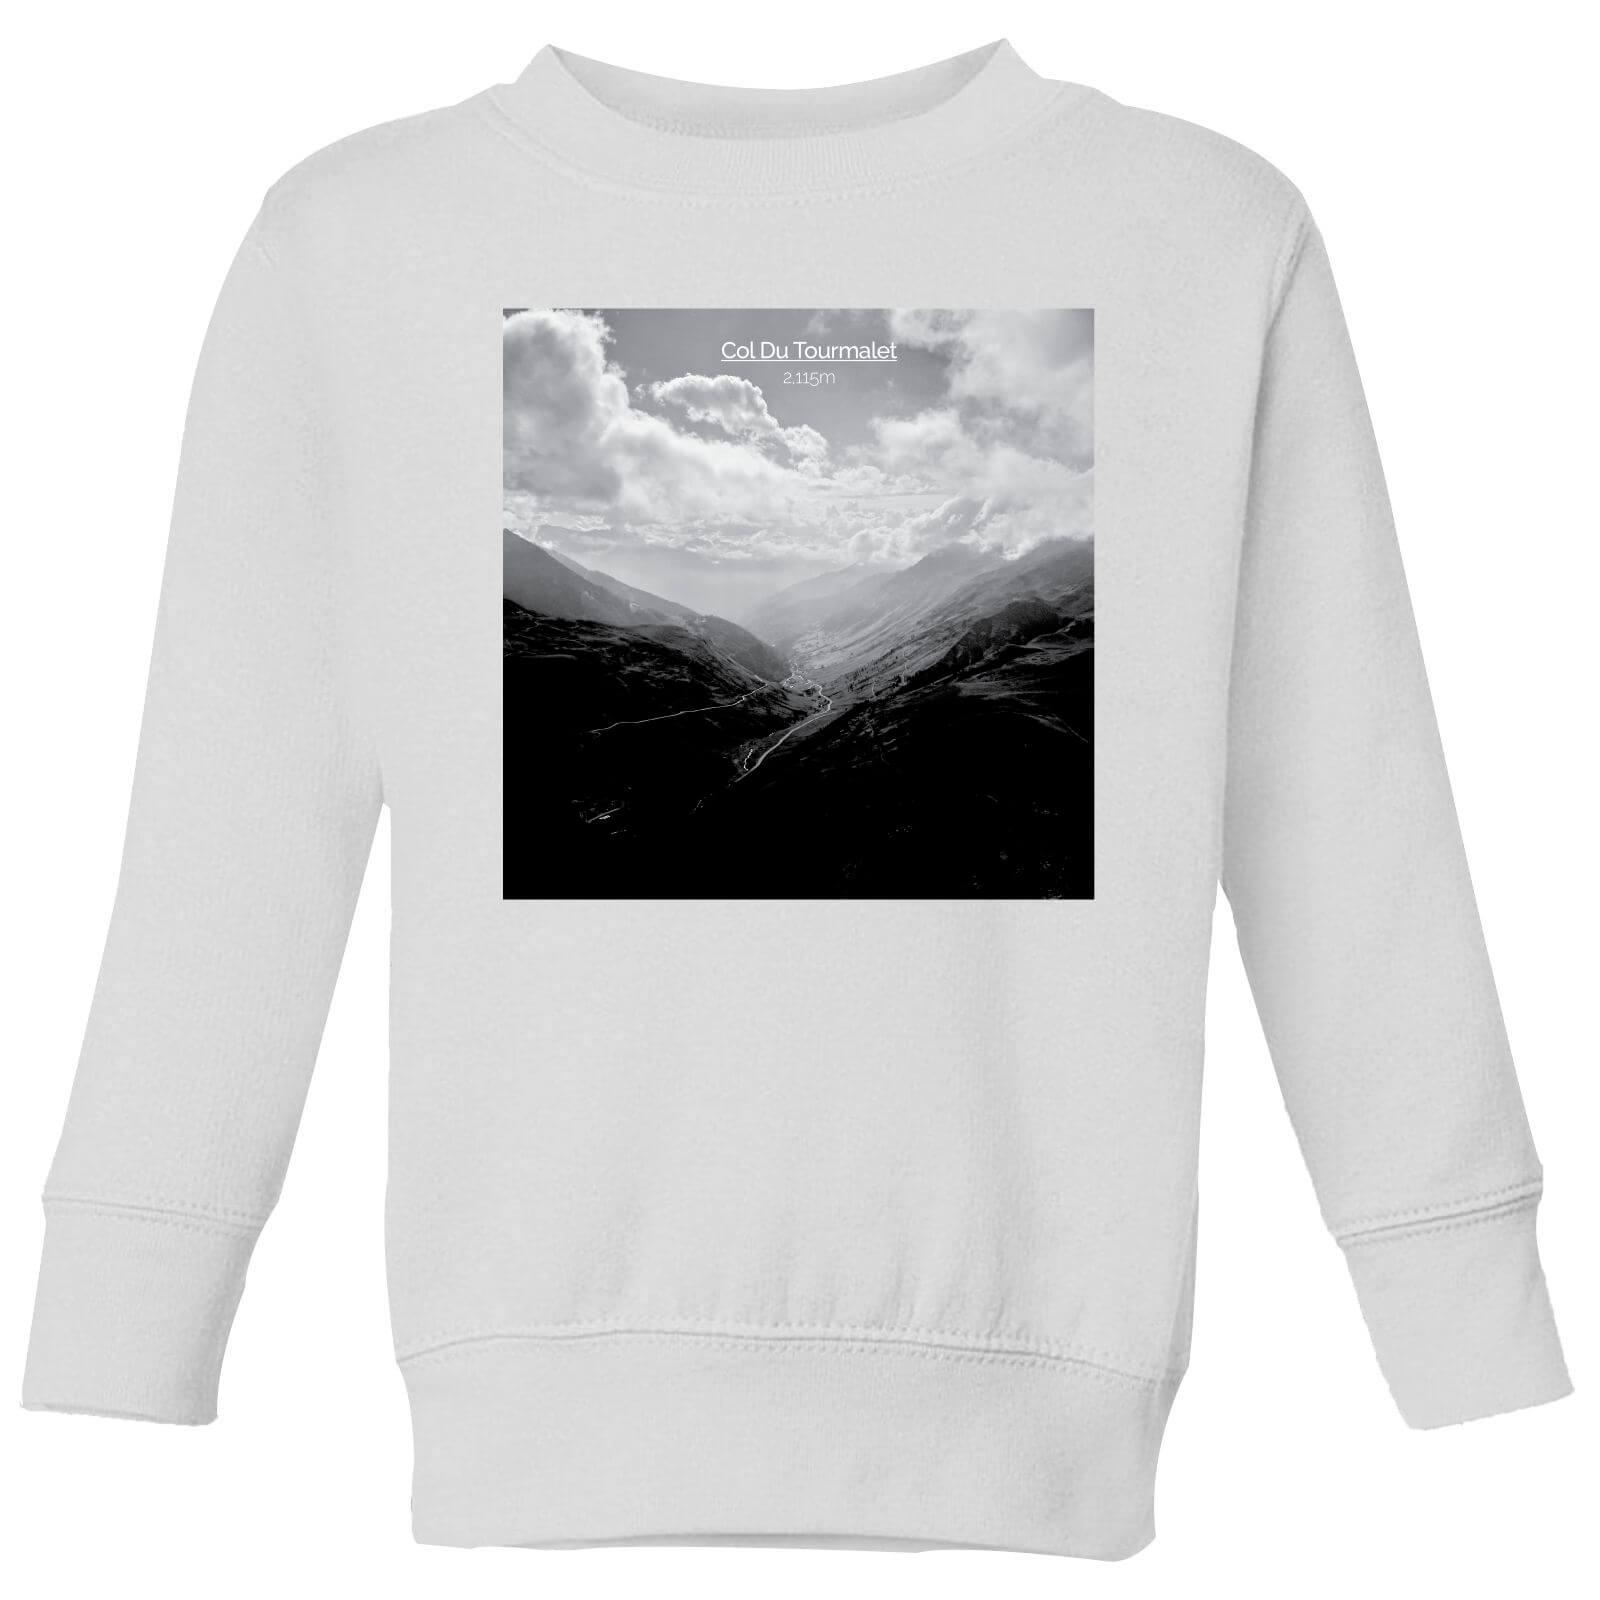 Summit Finish Col du Tourmalet Scenery Kids' Sweatshirt - White - 3-4 Jahre - Weiß